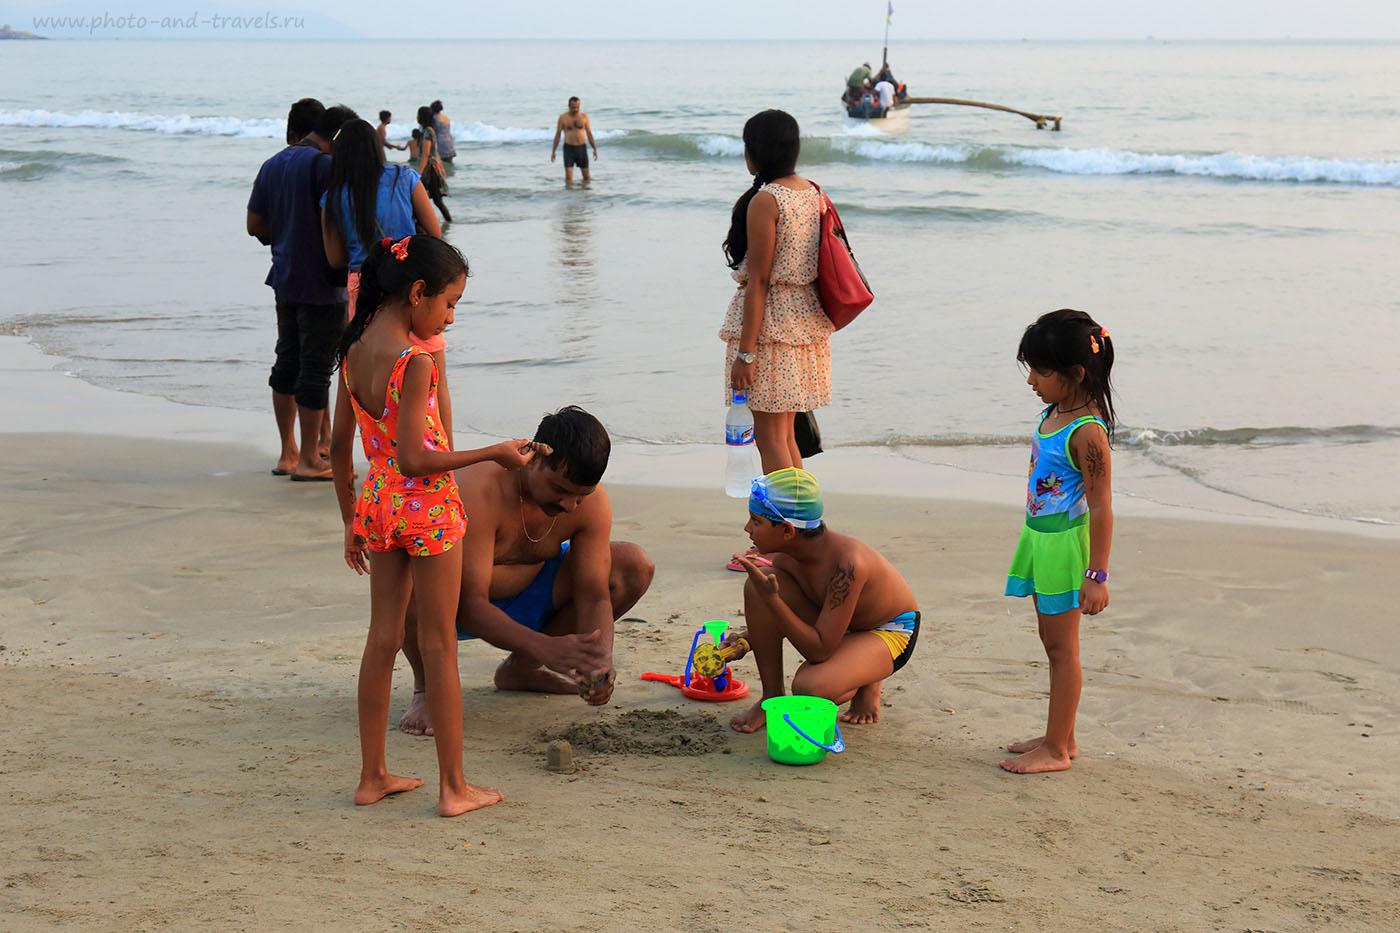 9. Индийские туристы на пляже Палолем в Гоа. Отзыв о самостоятельном отдыхе в Индии (24-70, 1/80, 0eV, f8, 55mm, ISO 400)